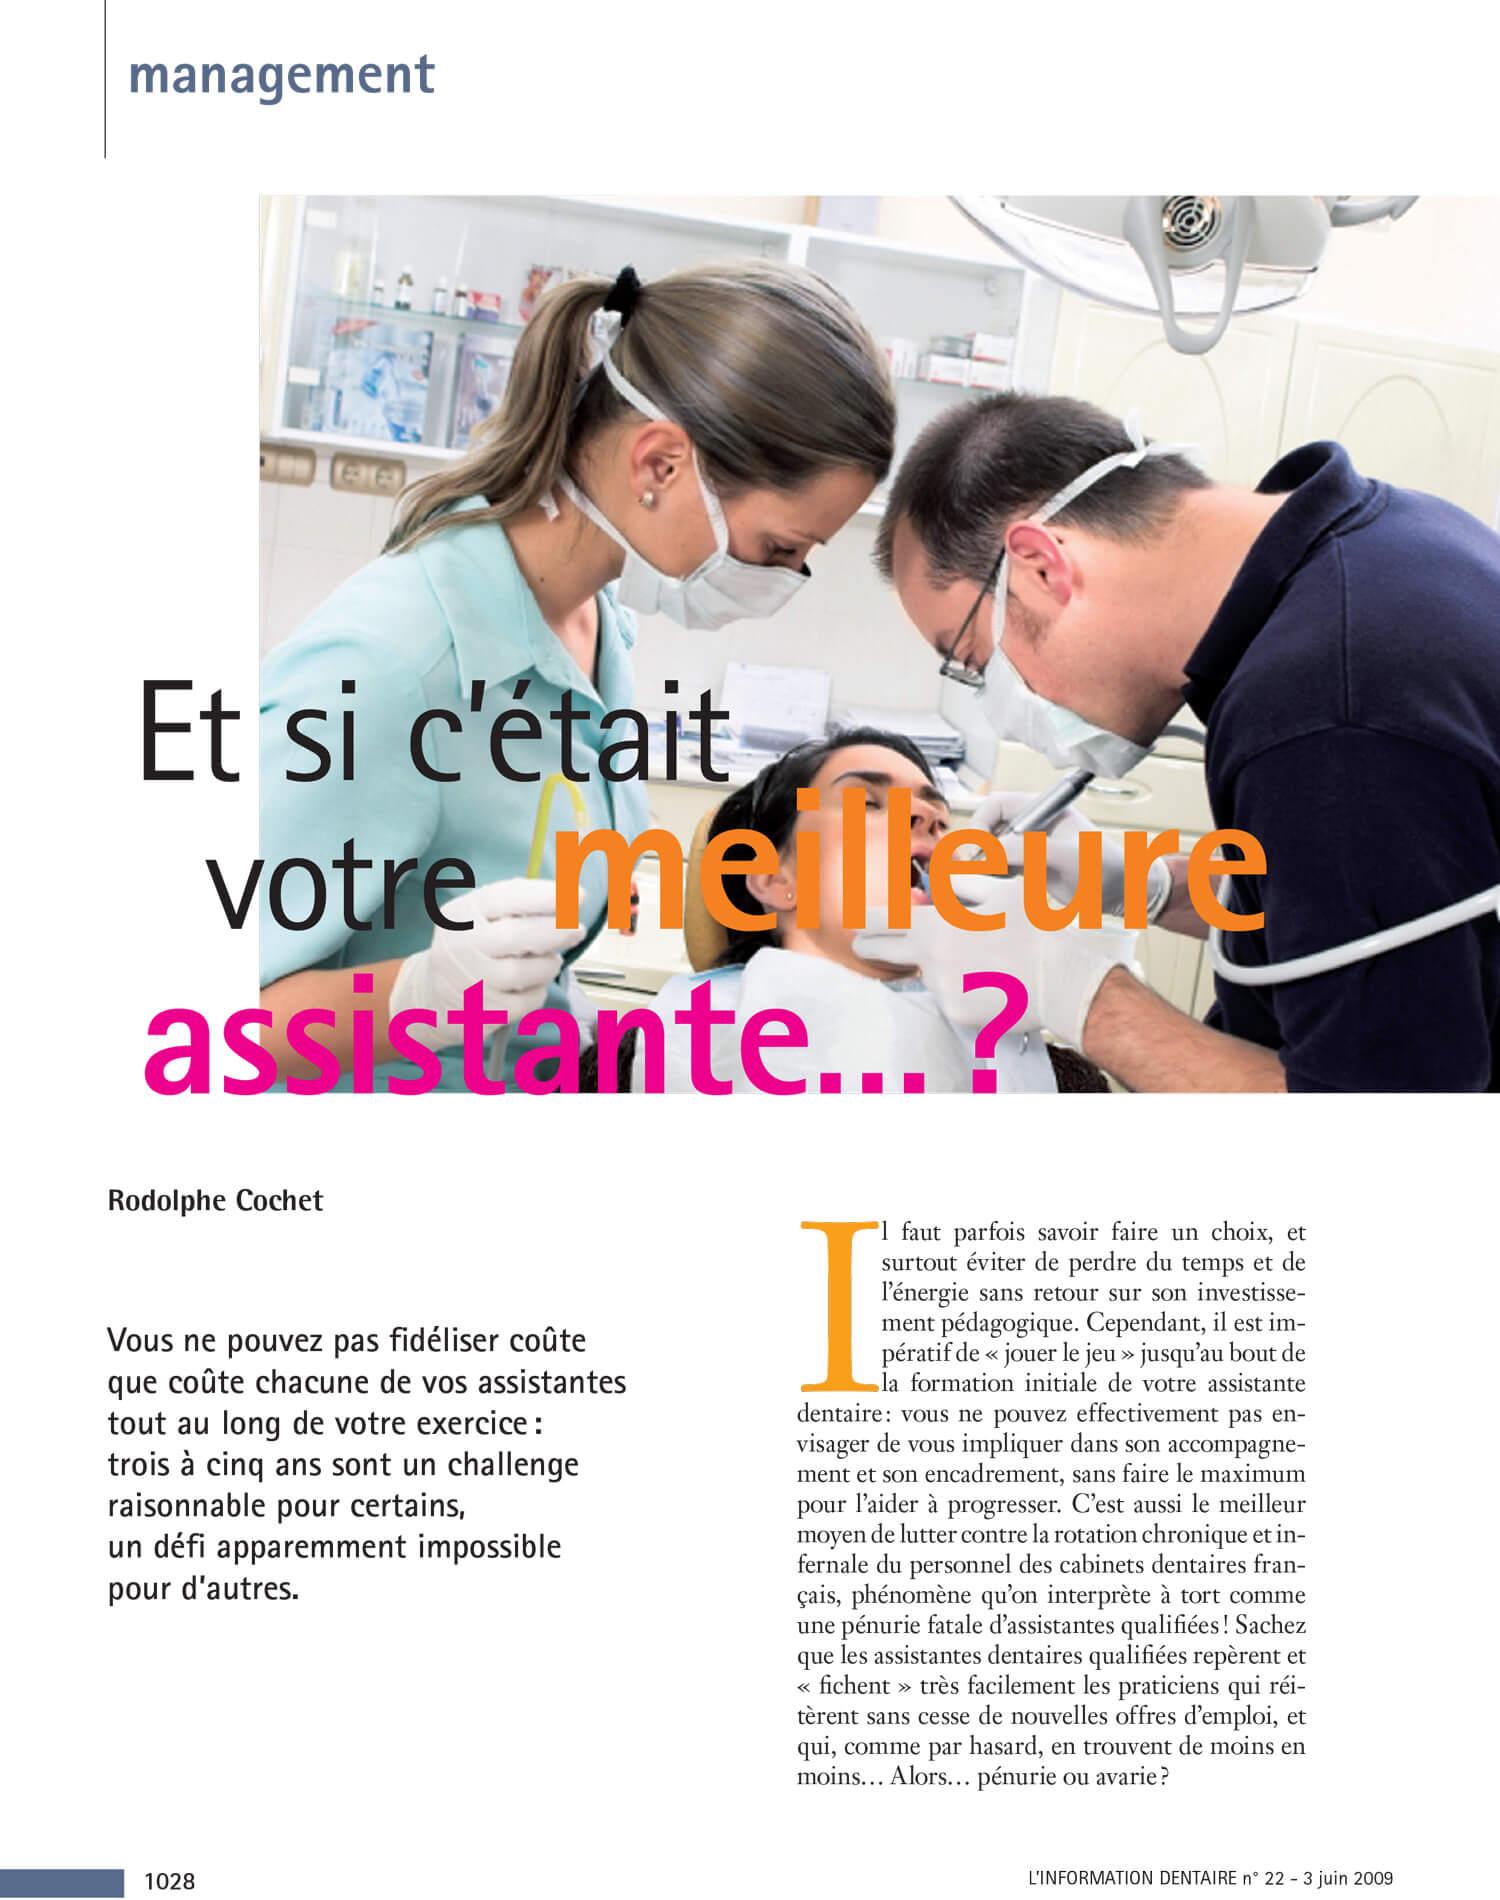 Votre_meilleure_assistante_dentaire_Rodolphe_Cochet_management_odontologique.jpg